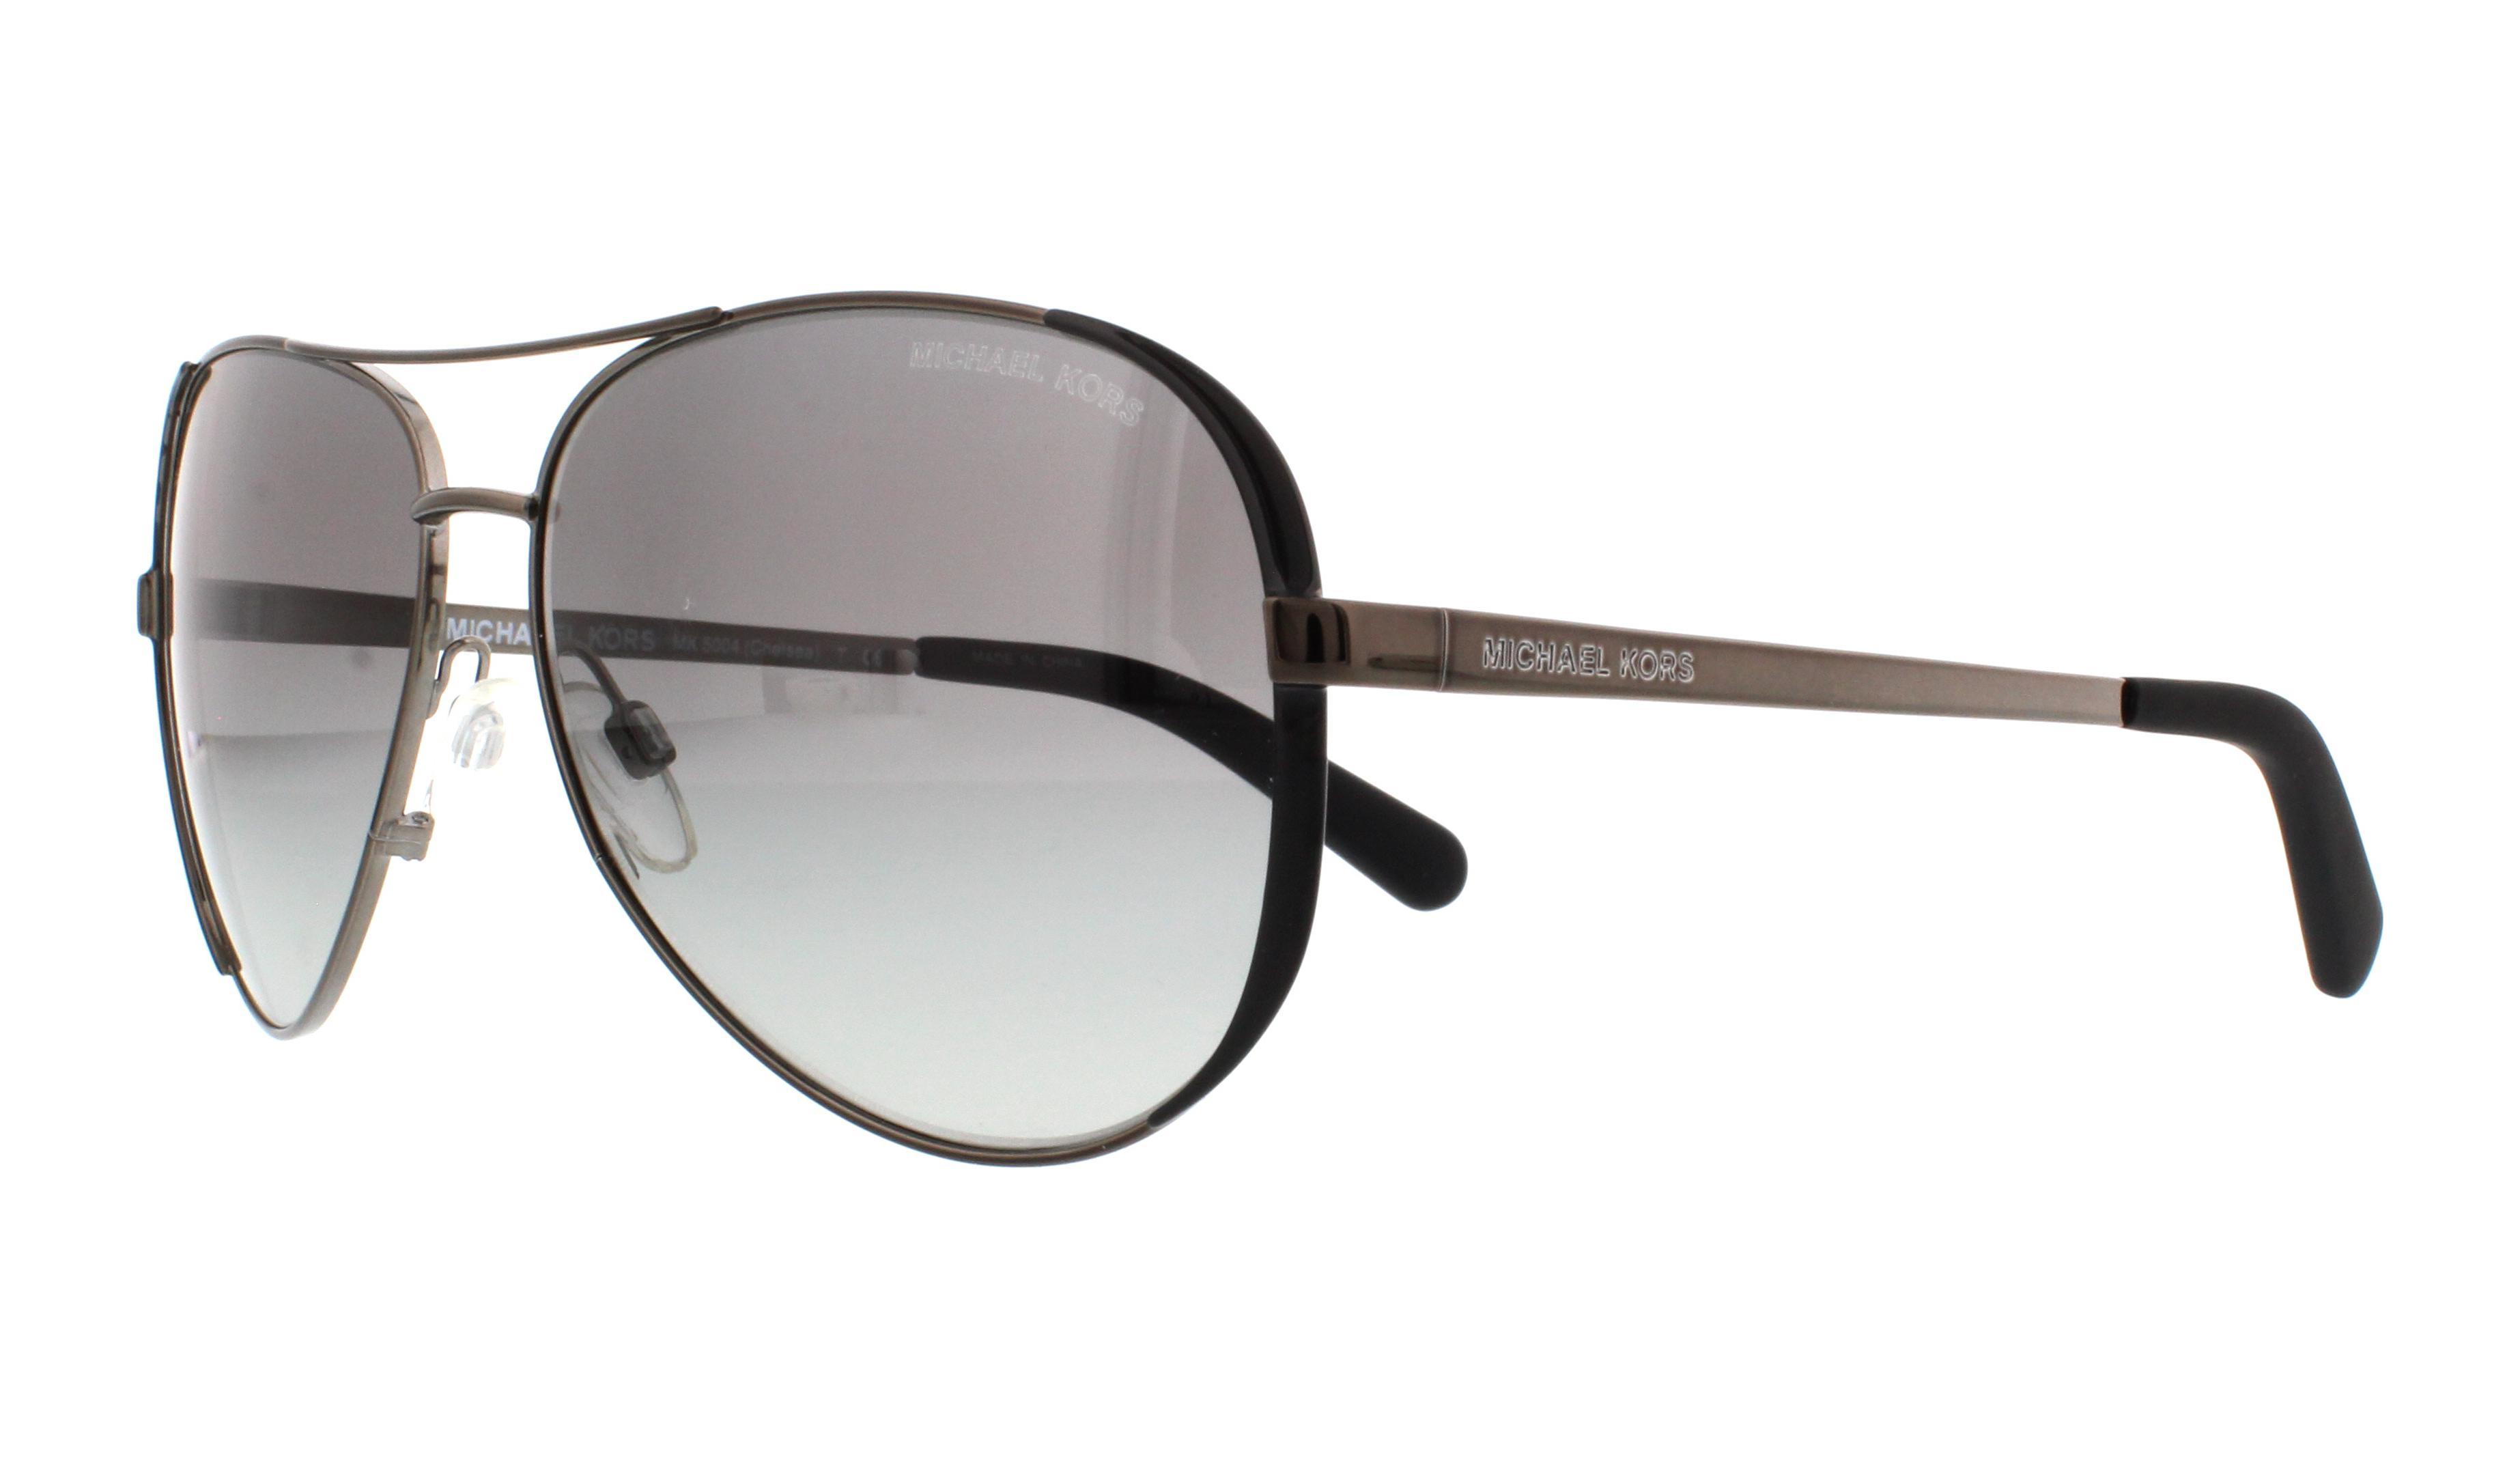 Michael Kors Chelsea Sonnenbrille Gunmetal 101311 59mm TW8Ka